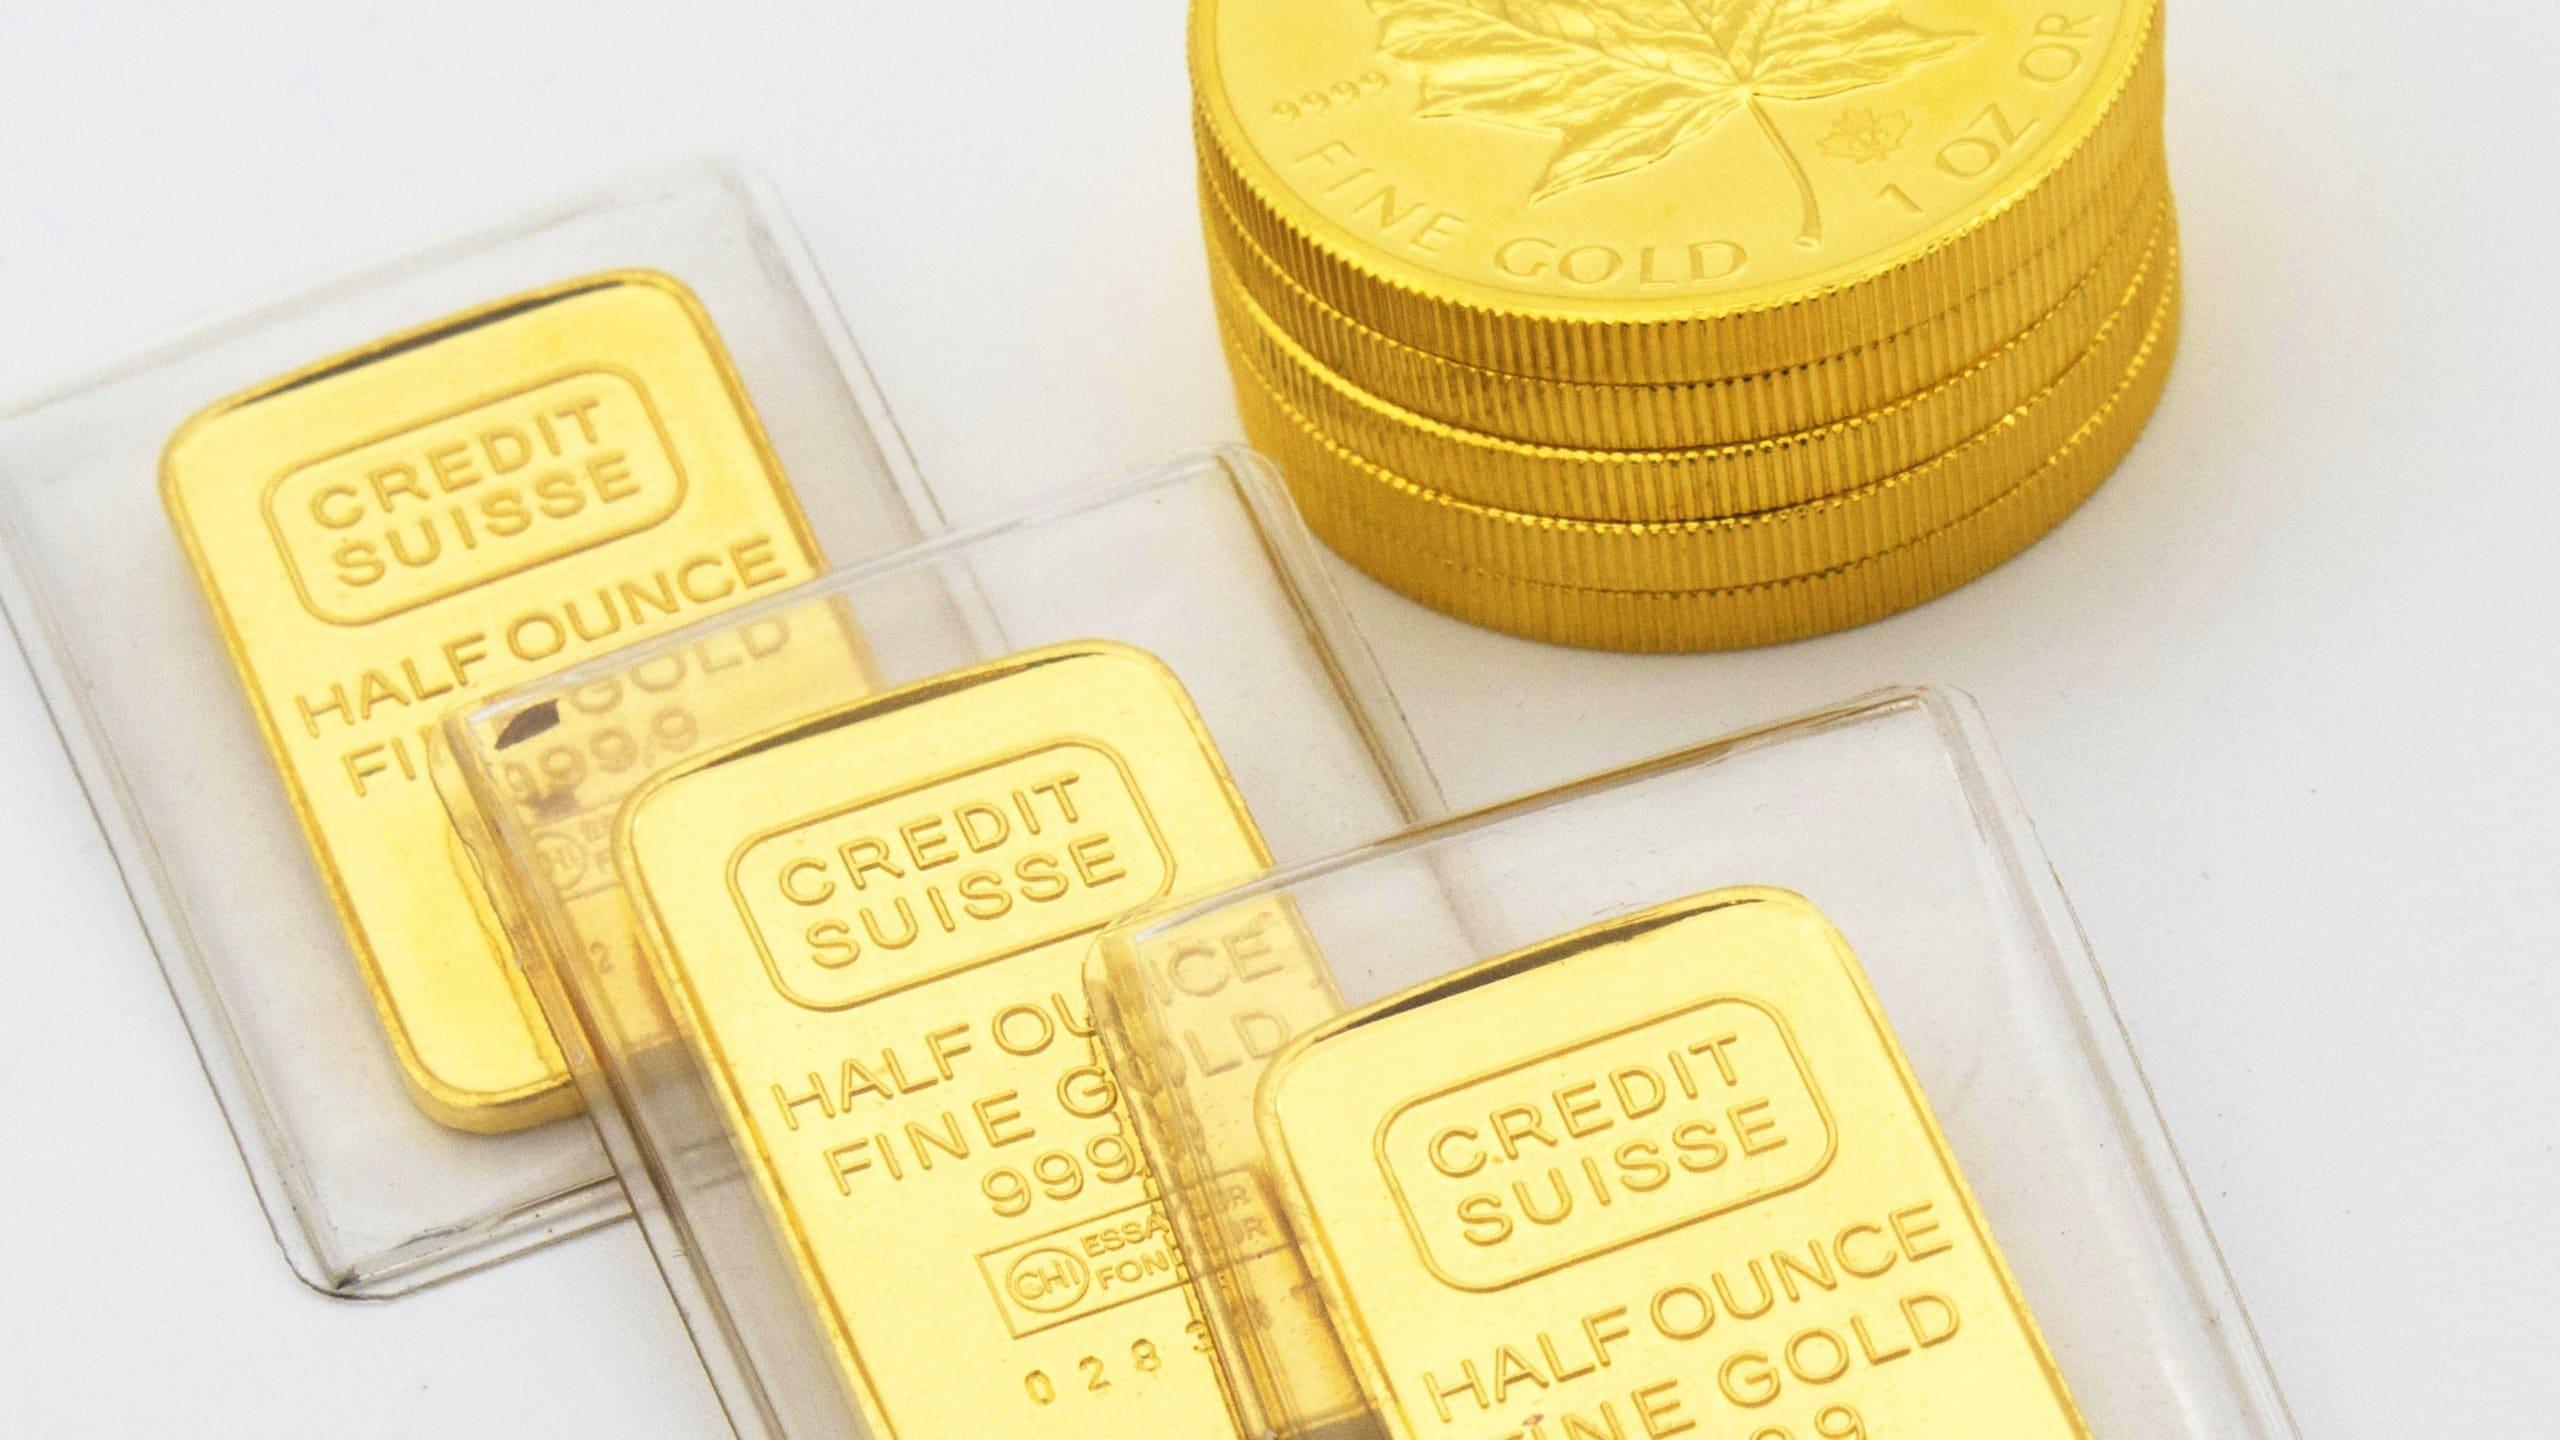 Gold Sachwert investieren